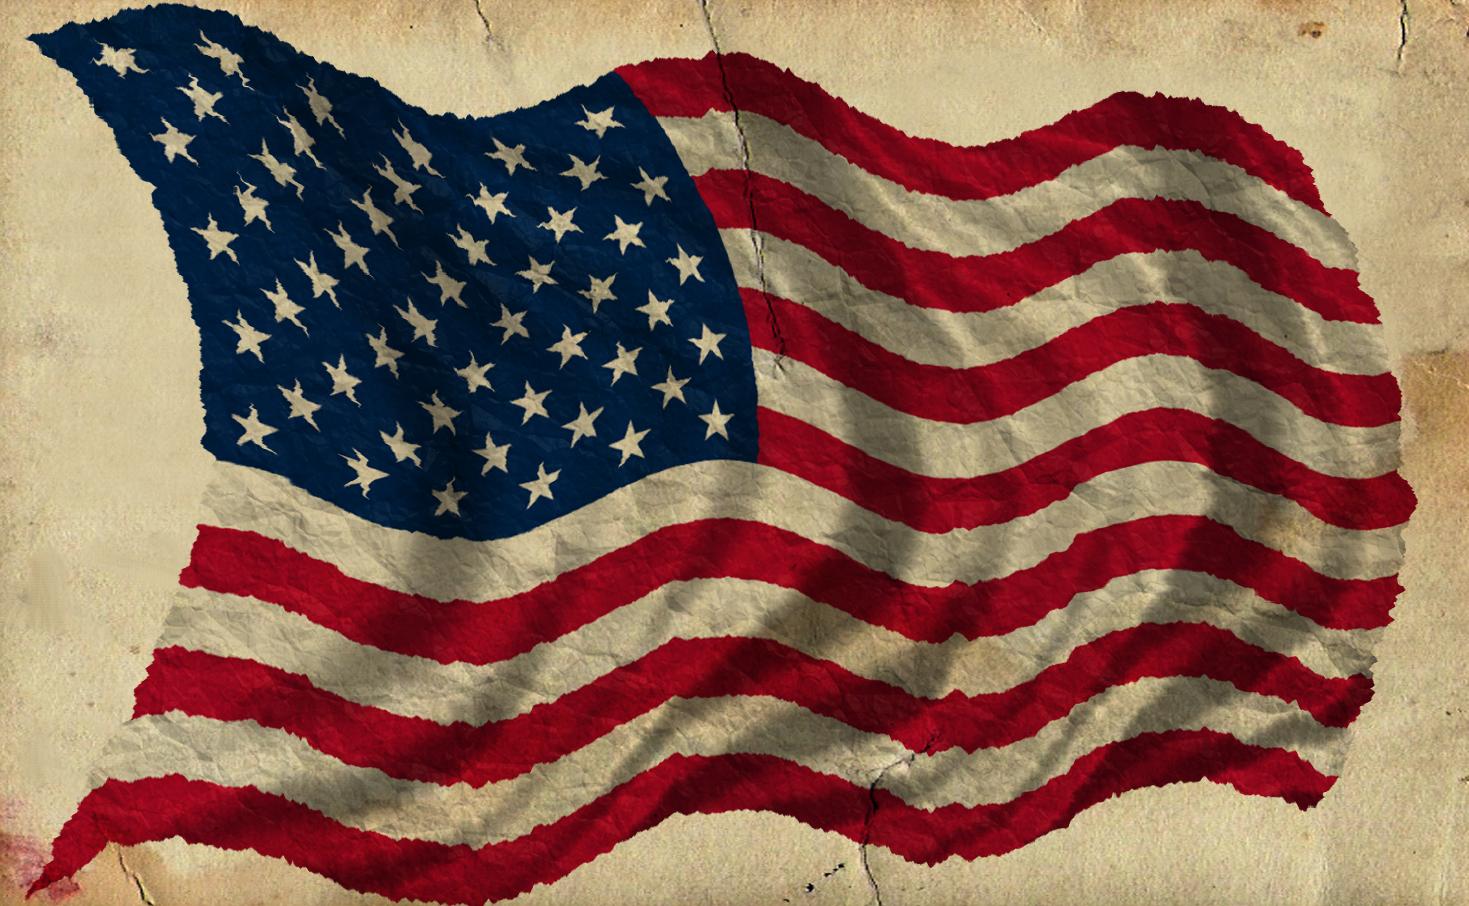 Patriotic Old Worn Waving American Flag, Ragged Old Flag.